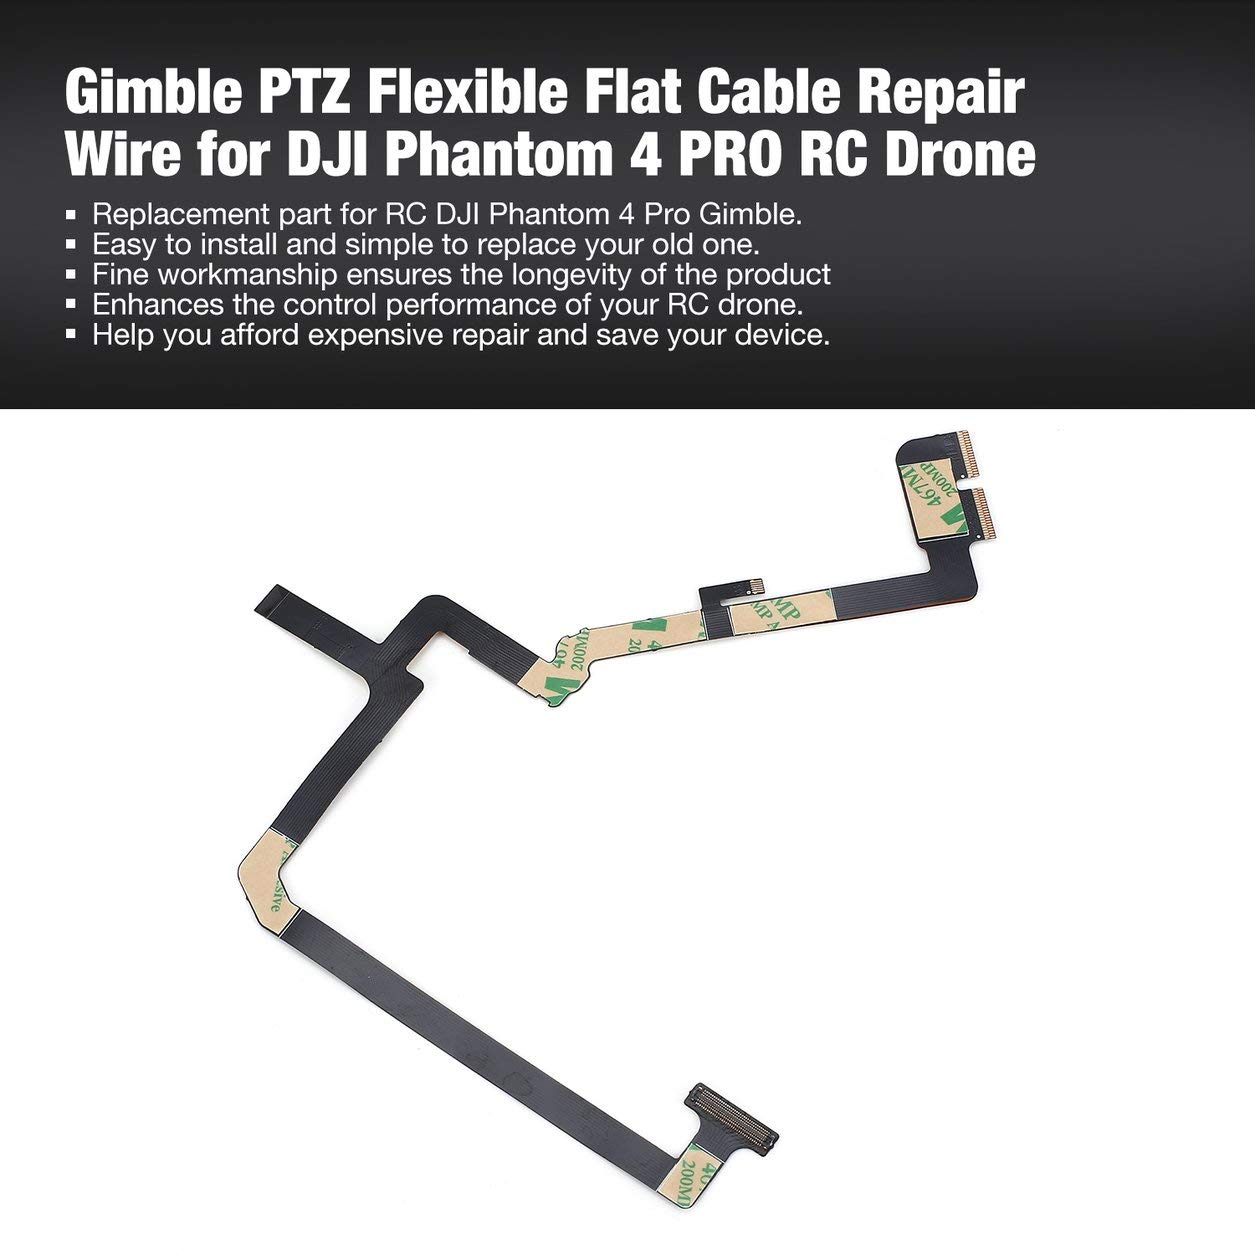 Dailyinshop Cable de reparación de Cable Plano Flexible Gimble PTZ ...